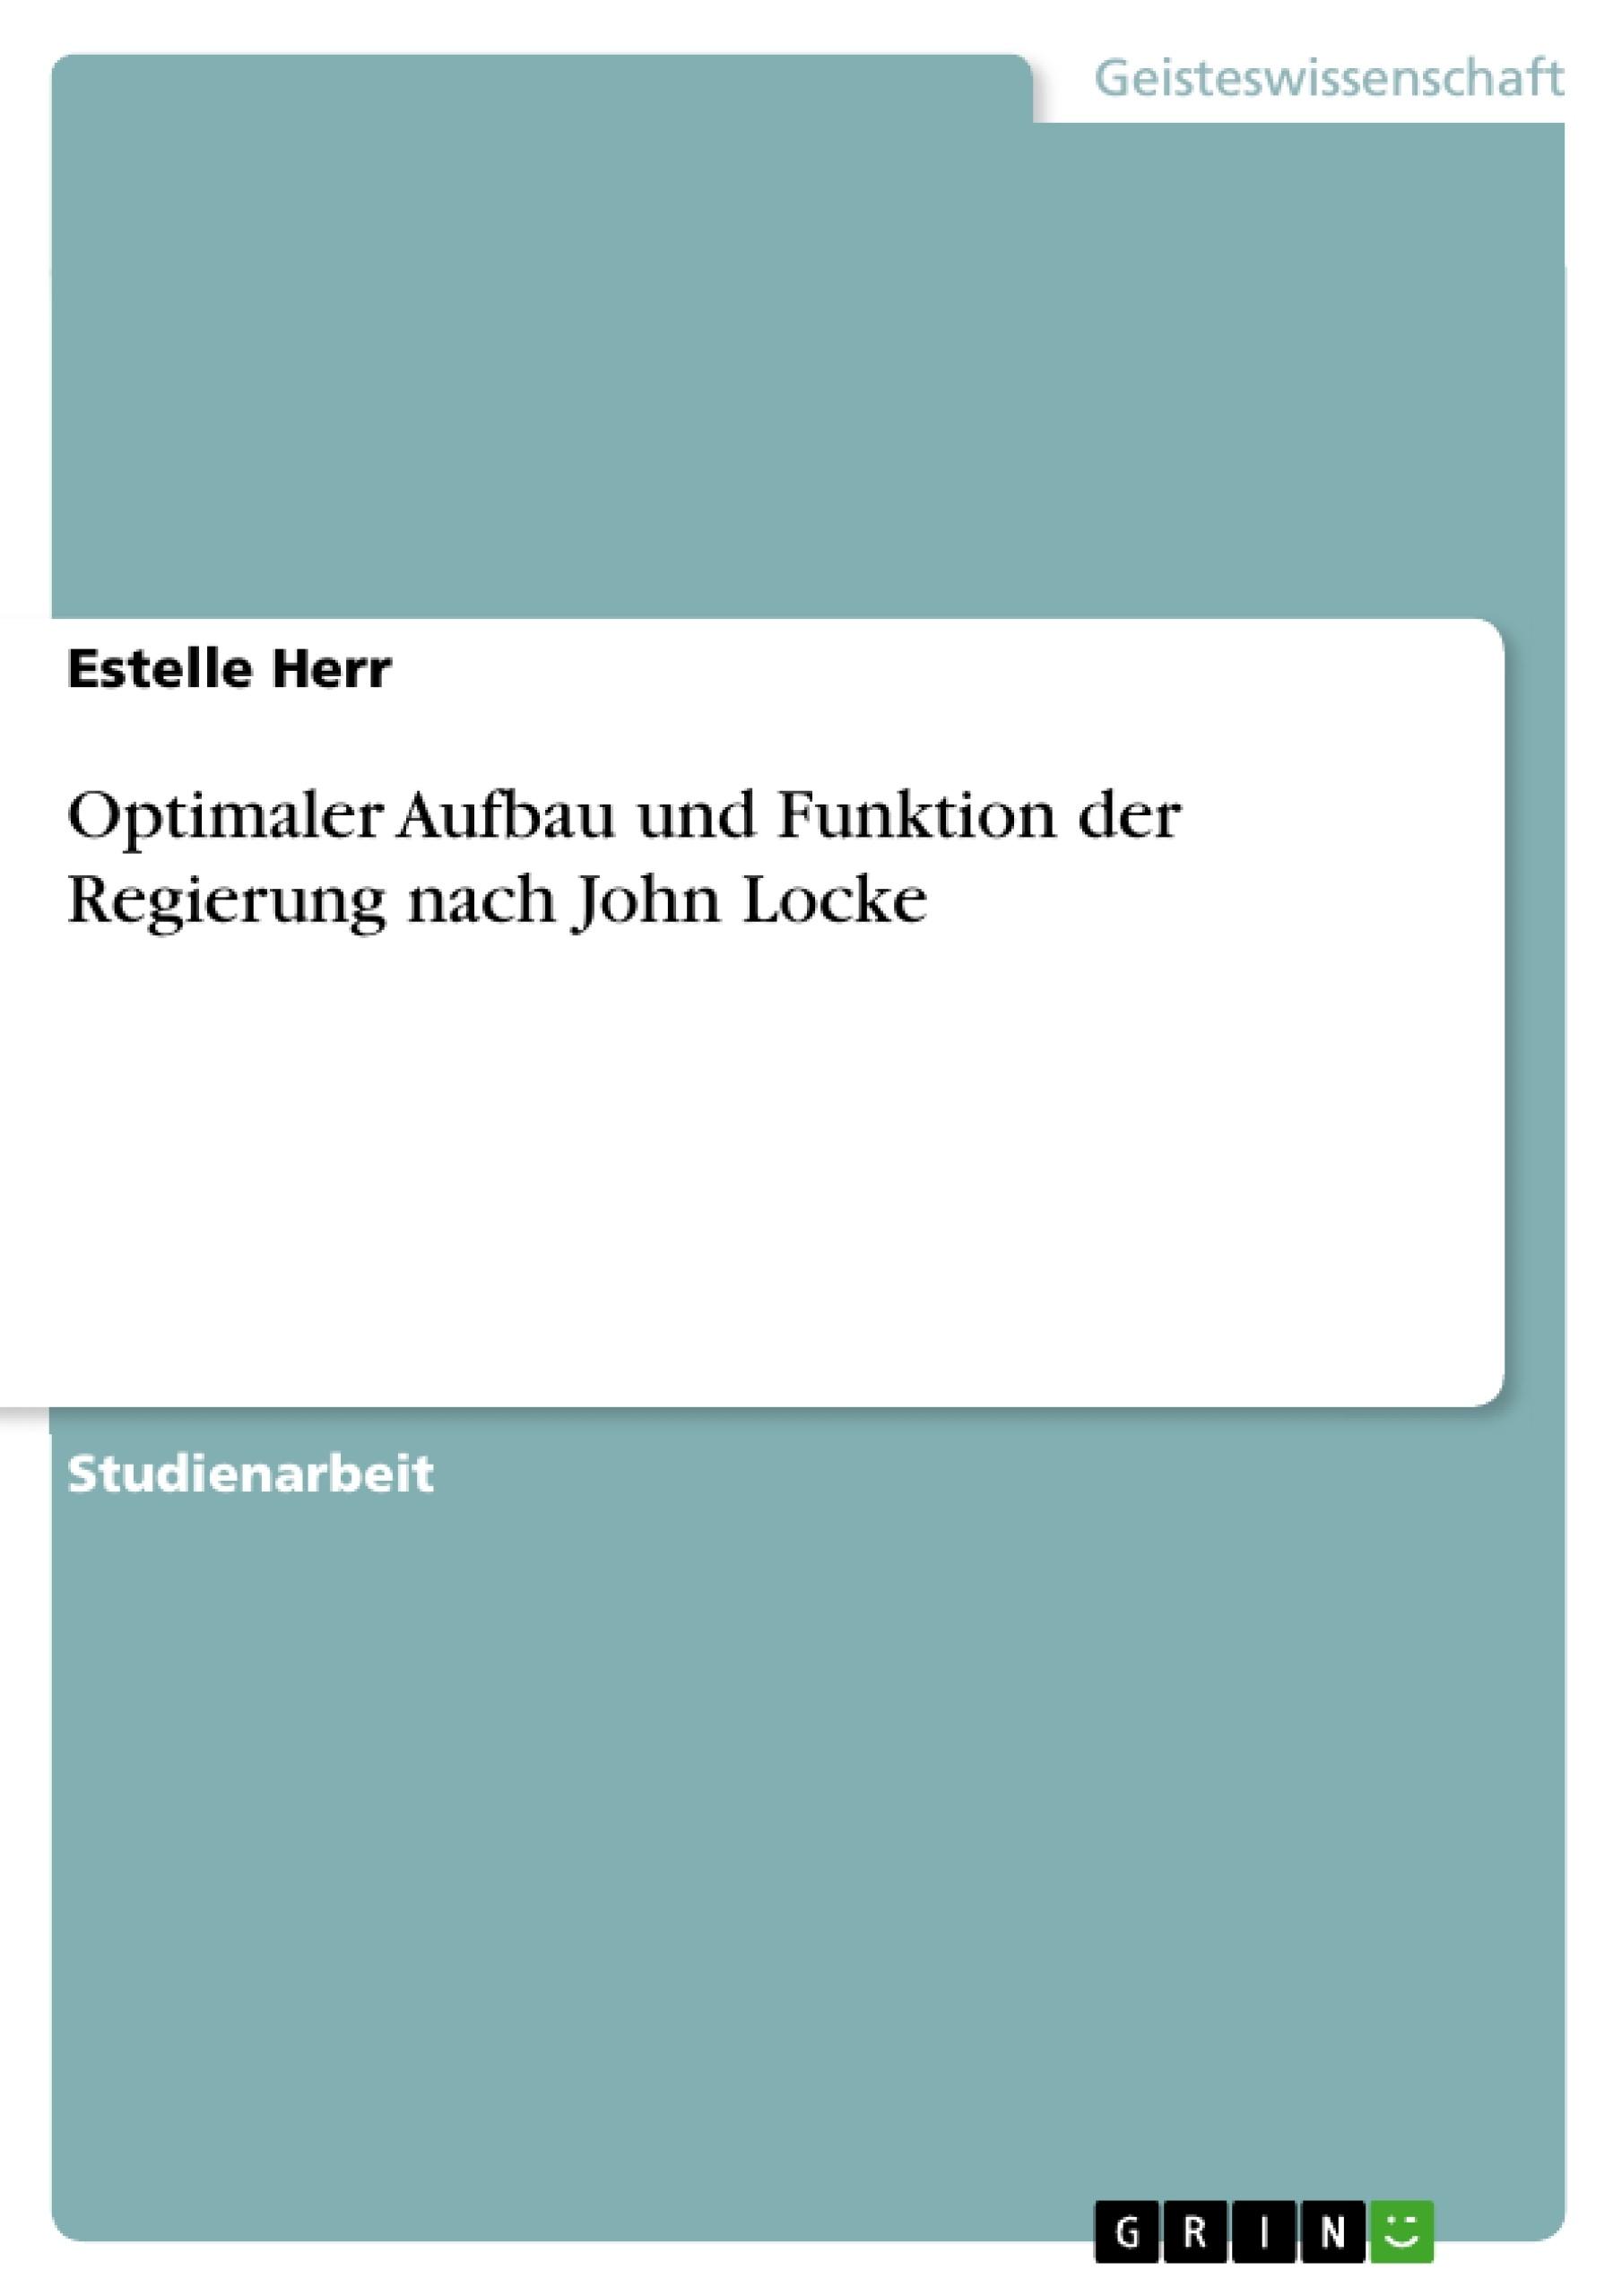 Titel: Optimaler Aufbau und Funktion der Regierung nach John Locke